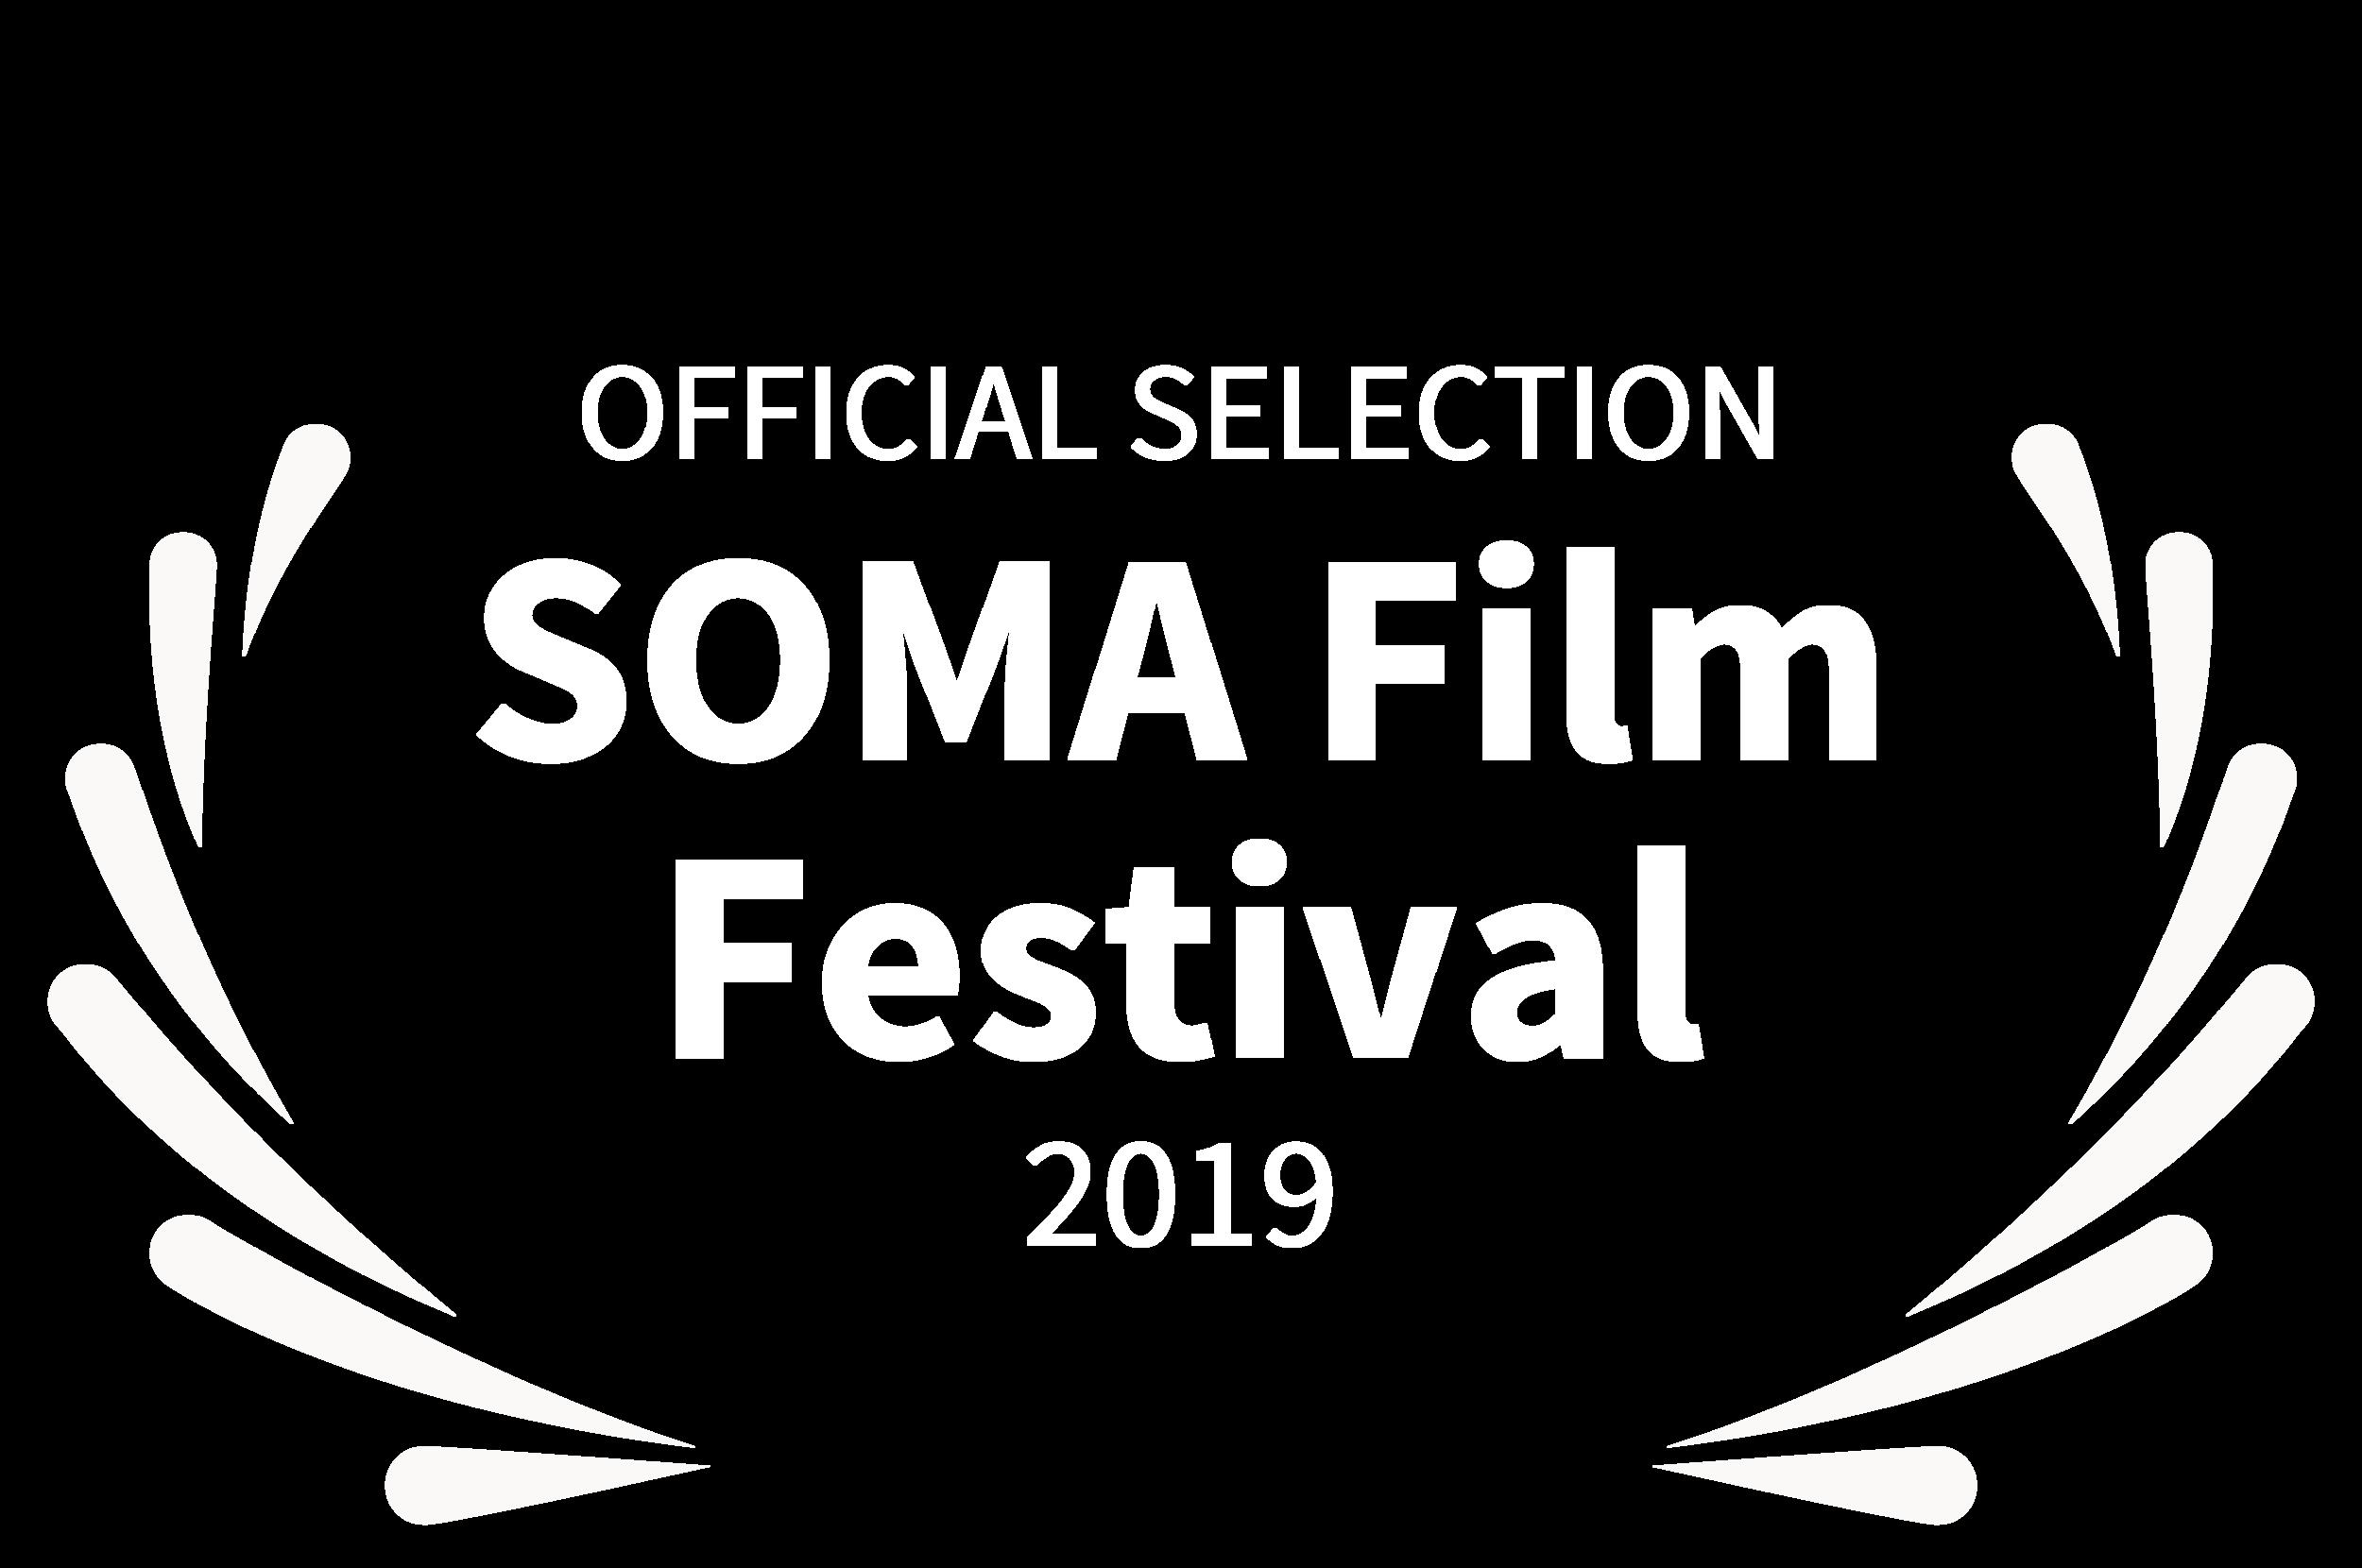 2019_SOMAFilmFestival_WhiteLaurels.png